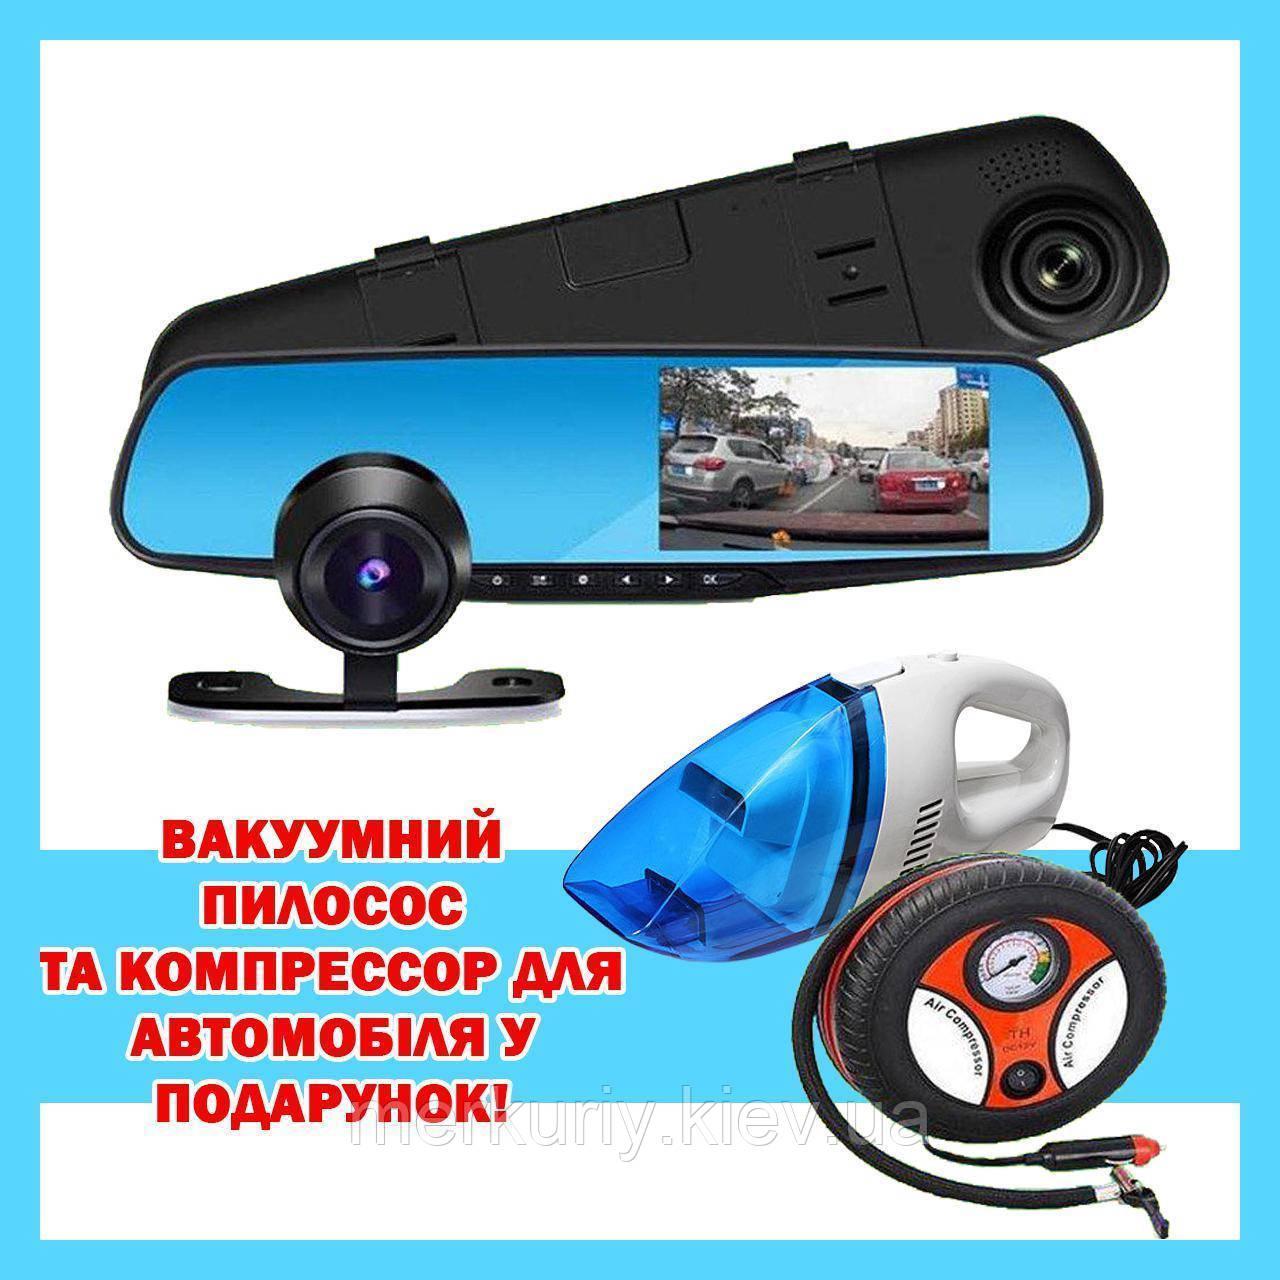 Камера зеркало 4,3 видеорегистратор 2 две камеры с камерой заднего вида, регистратор автомобильный